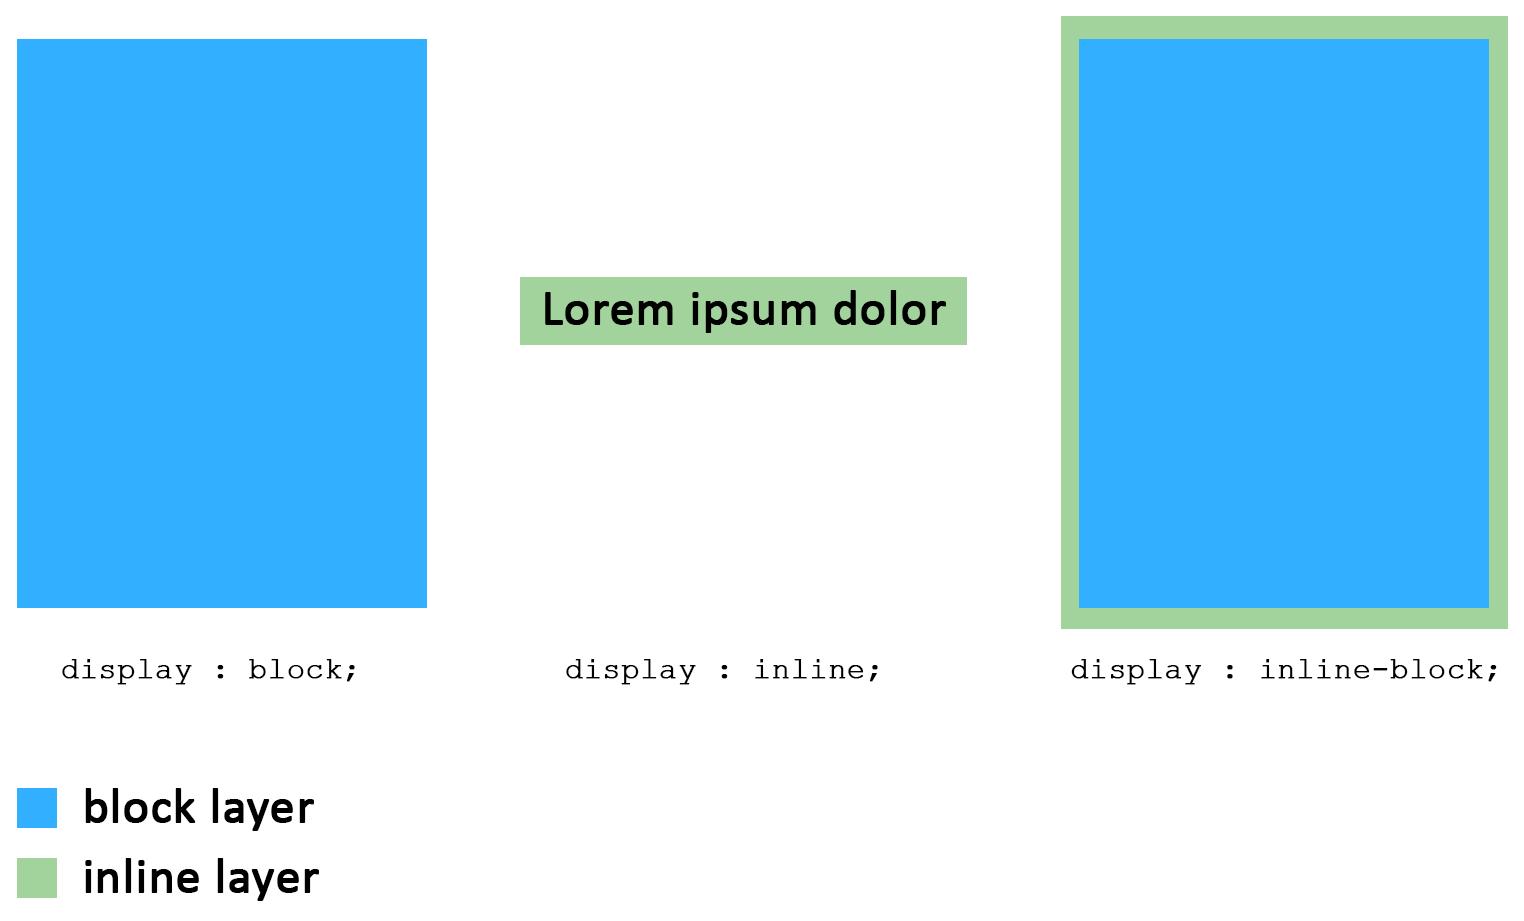 display-inline-block